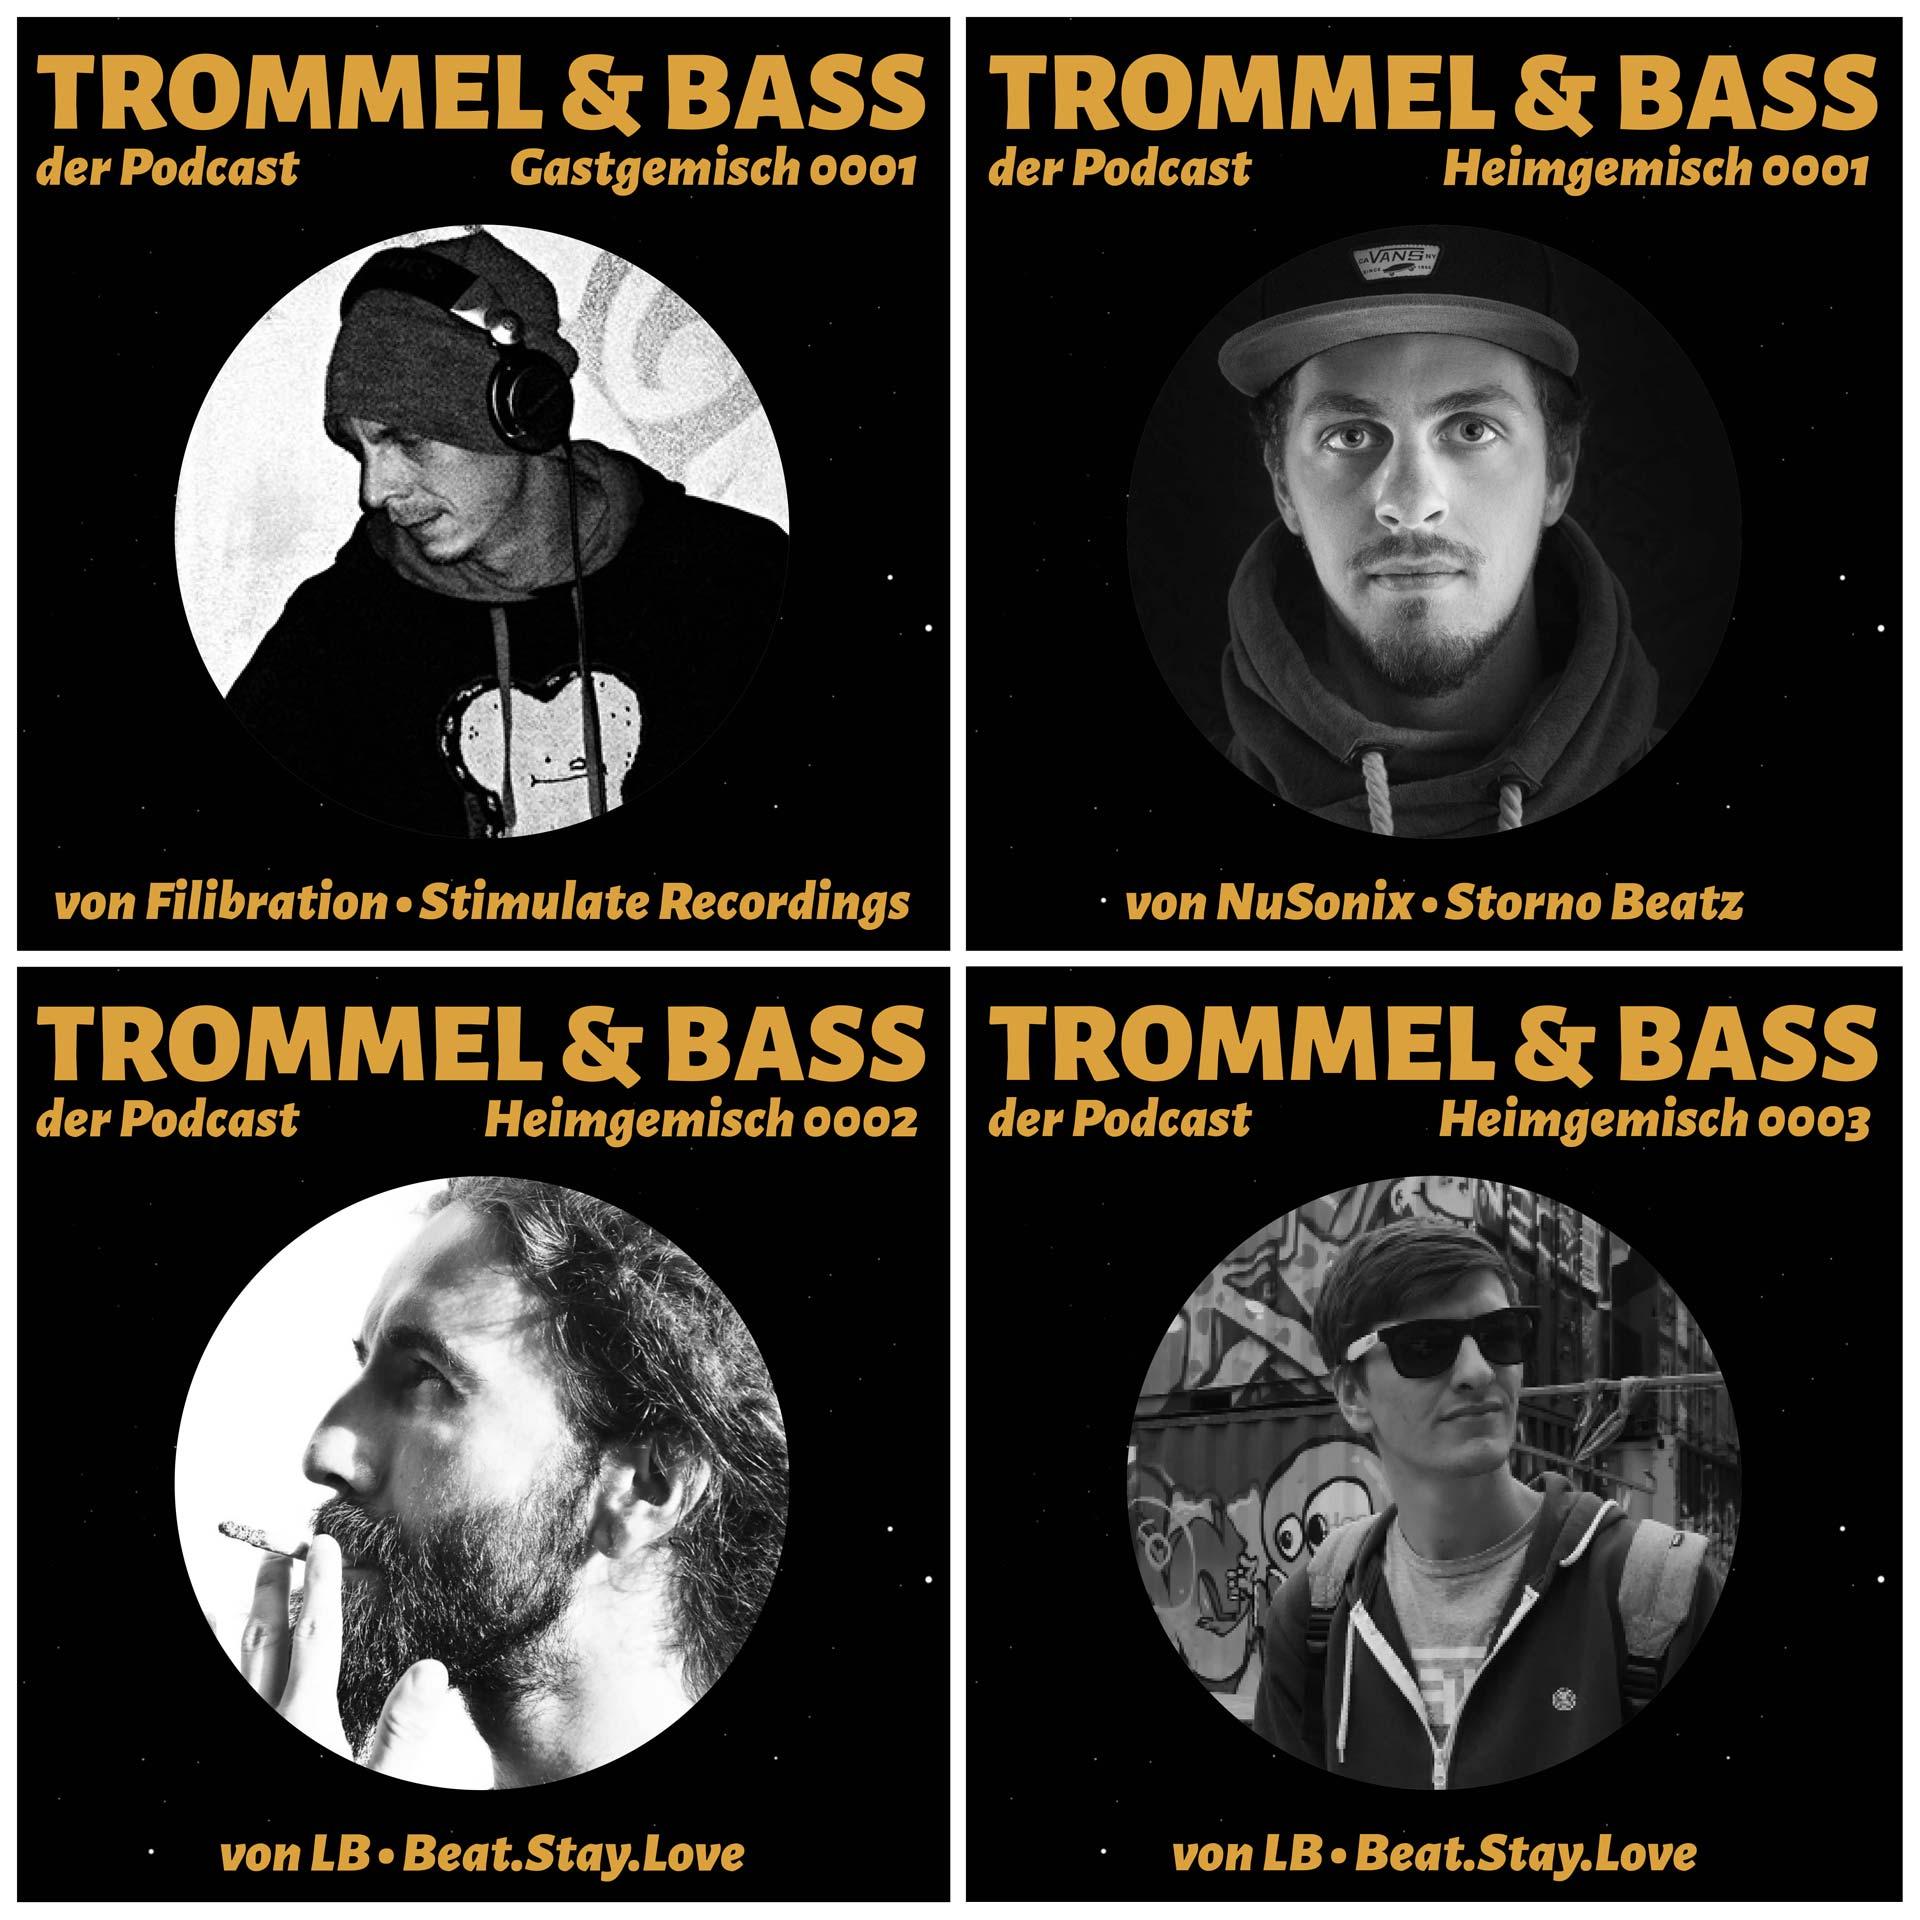 Trommel & Bass als Podcast abonnieren